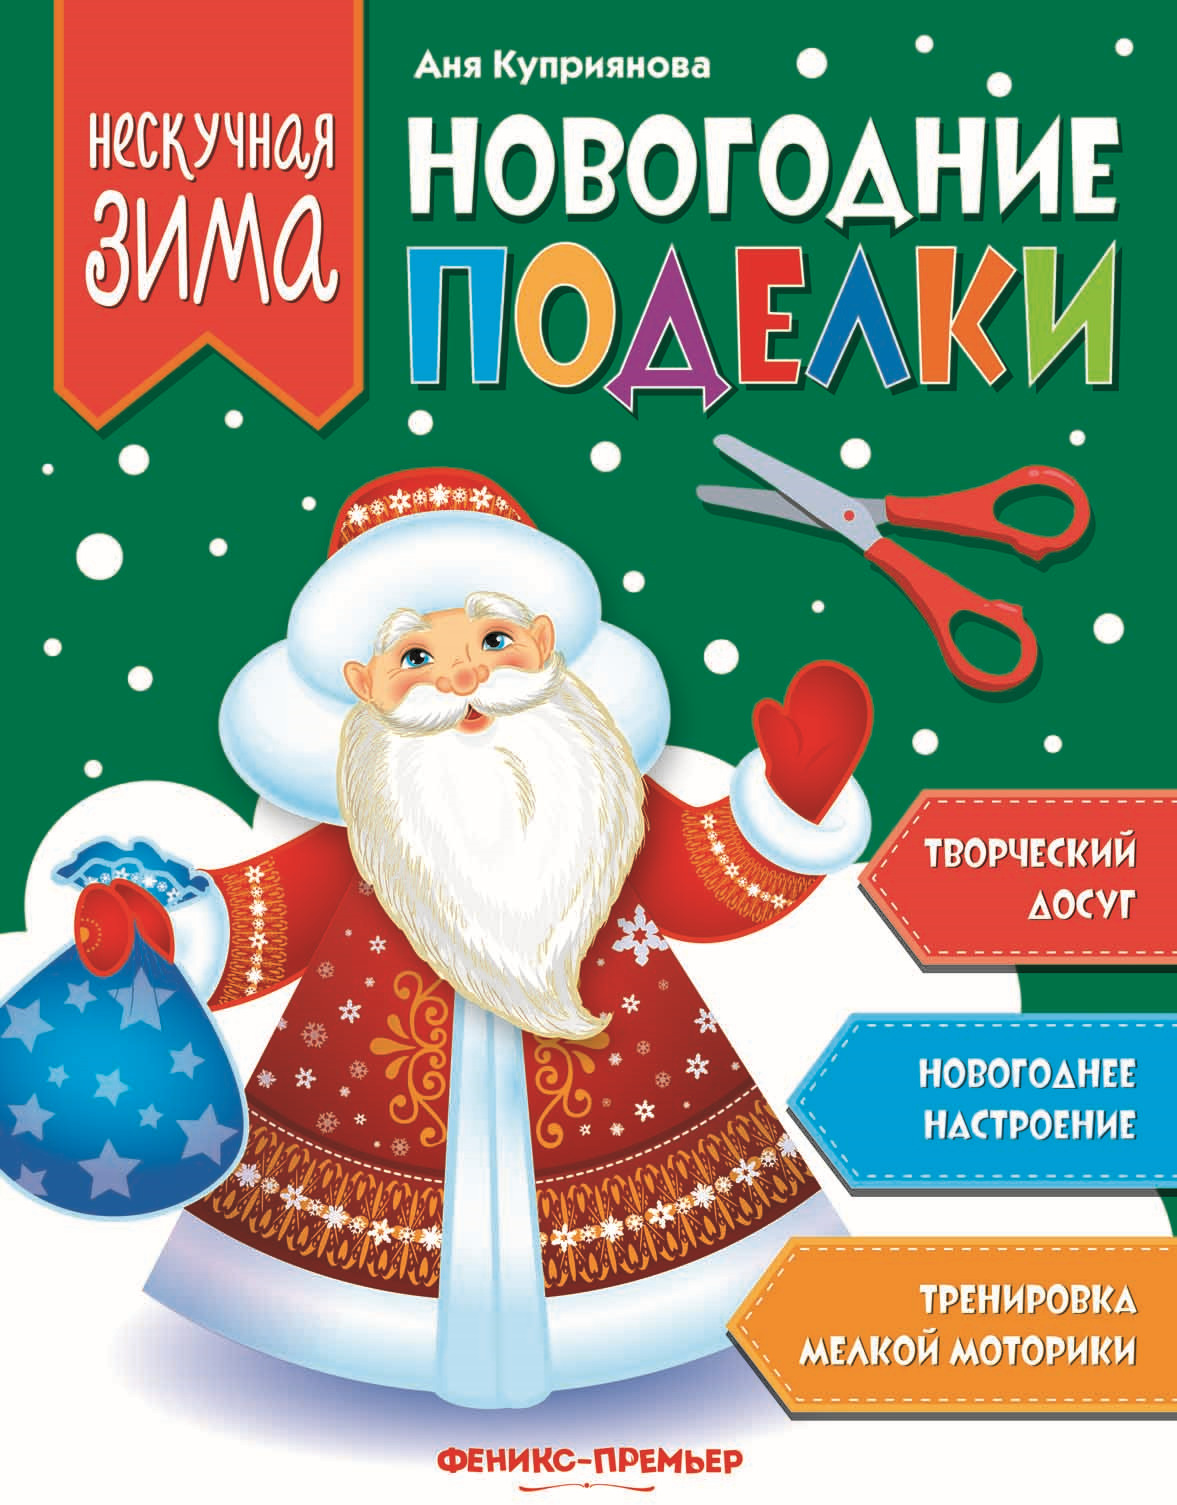 А. Куприянова Новогодние поделки а куприянова новогодние поделки